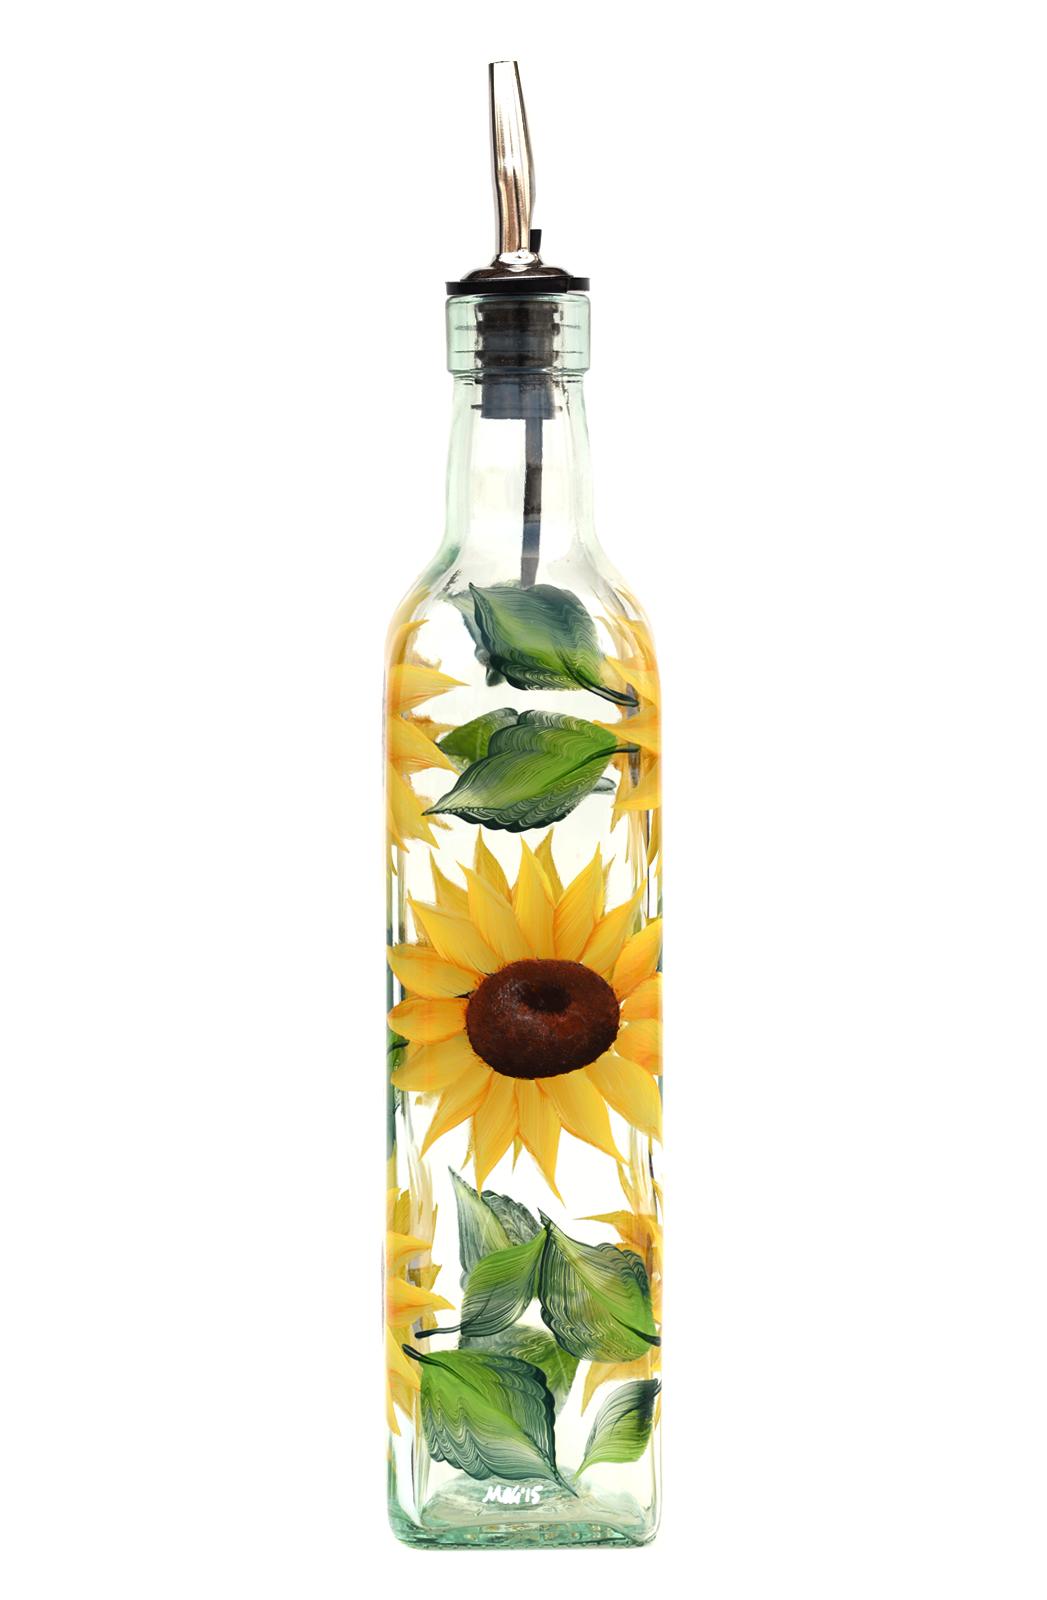 Sunflowers Olive Oil Bottle | Painted wine bottles | Pinterest ...